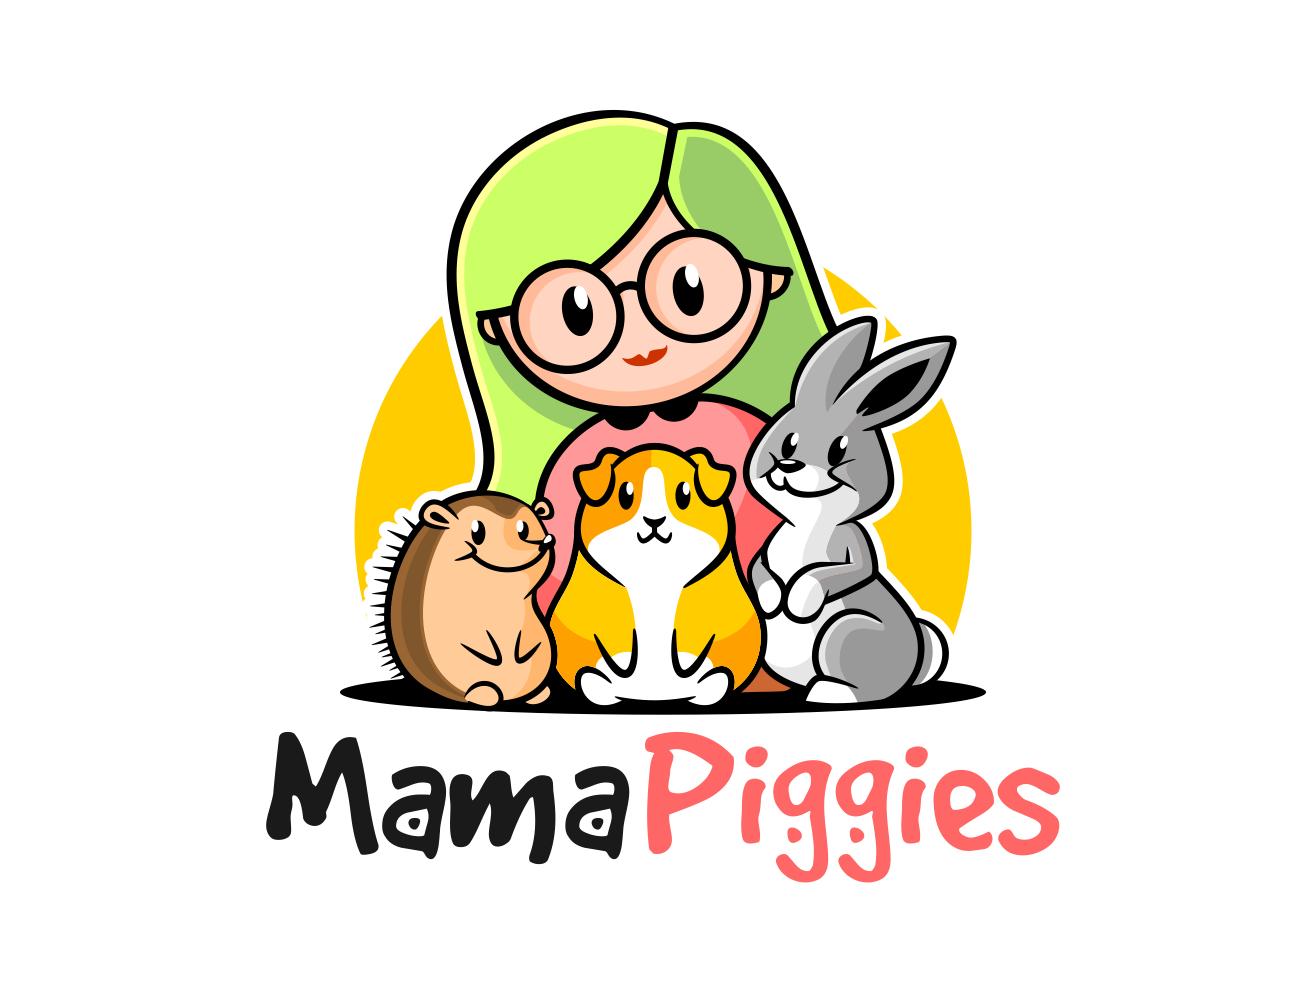 mama piggies baby app clothing clothing brand mascot logo mascot design mascot character logodesign vector mascot logo illustration design characterdesign branding